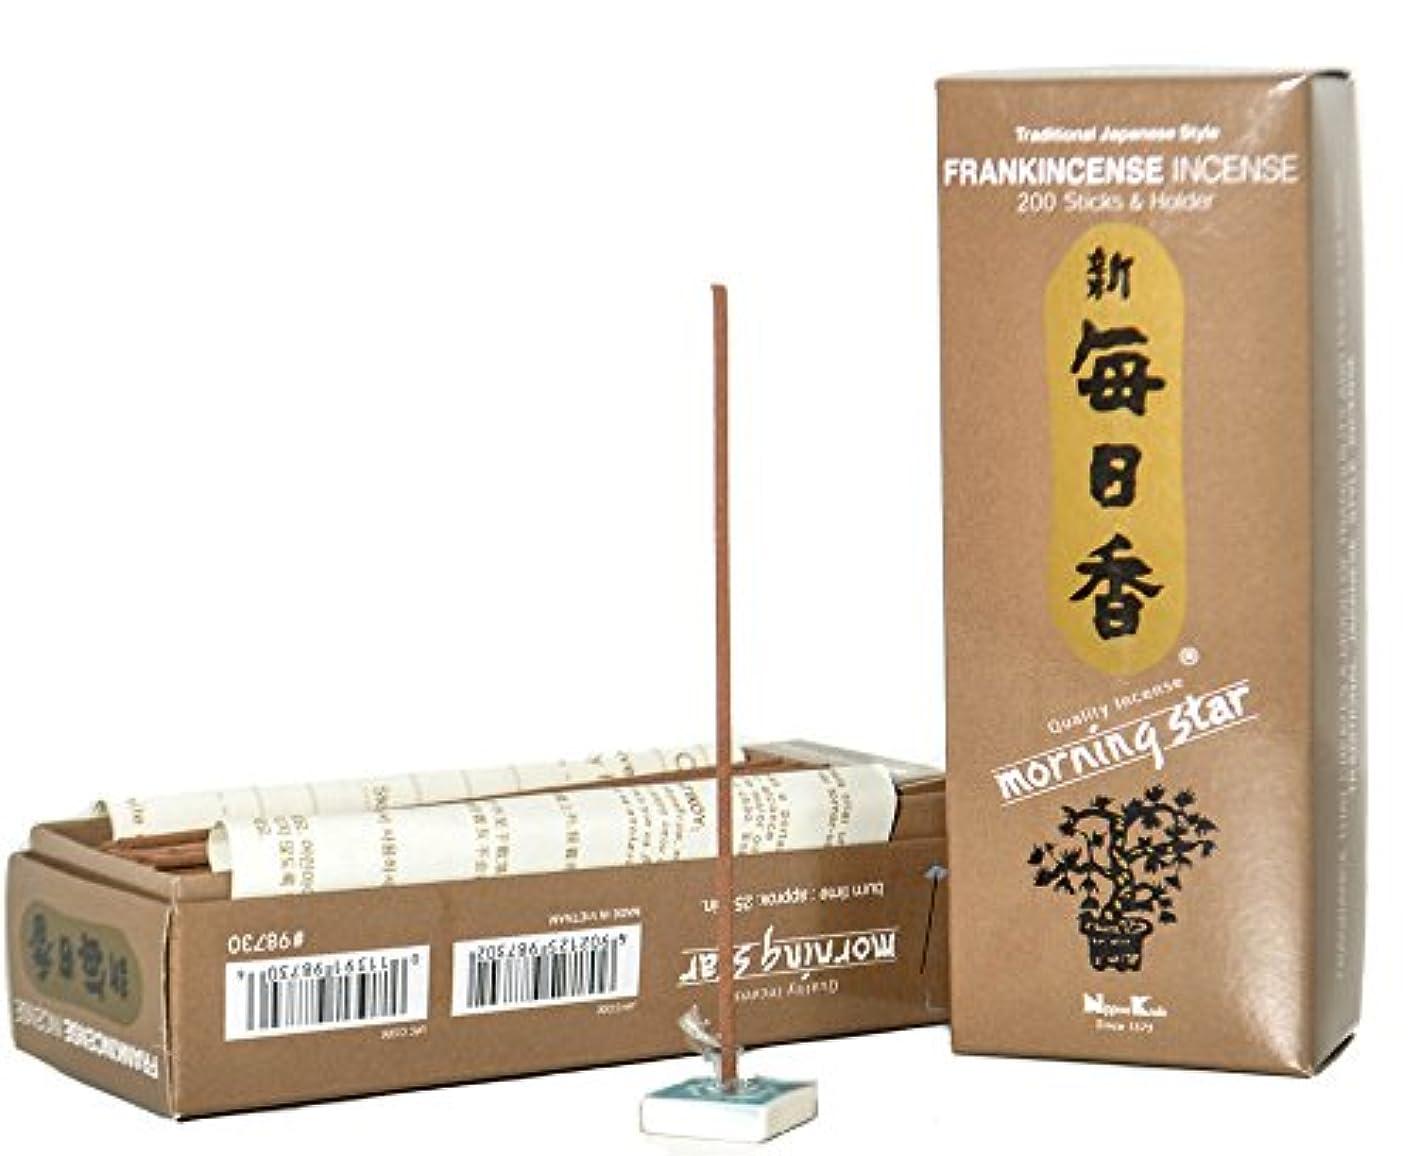 一過性生まれ委員長Morning Star Japanese Incense Sticks 200 Sticks &ホルダー ブラウン